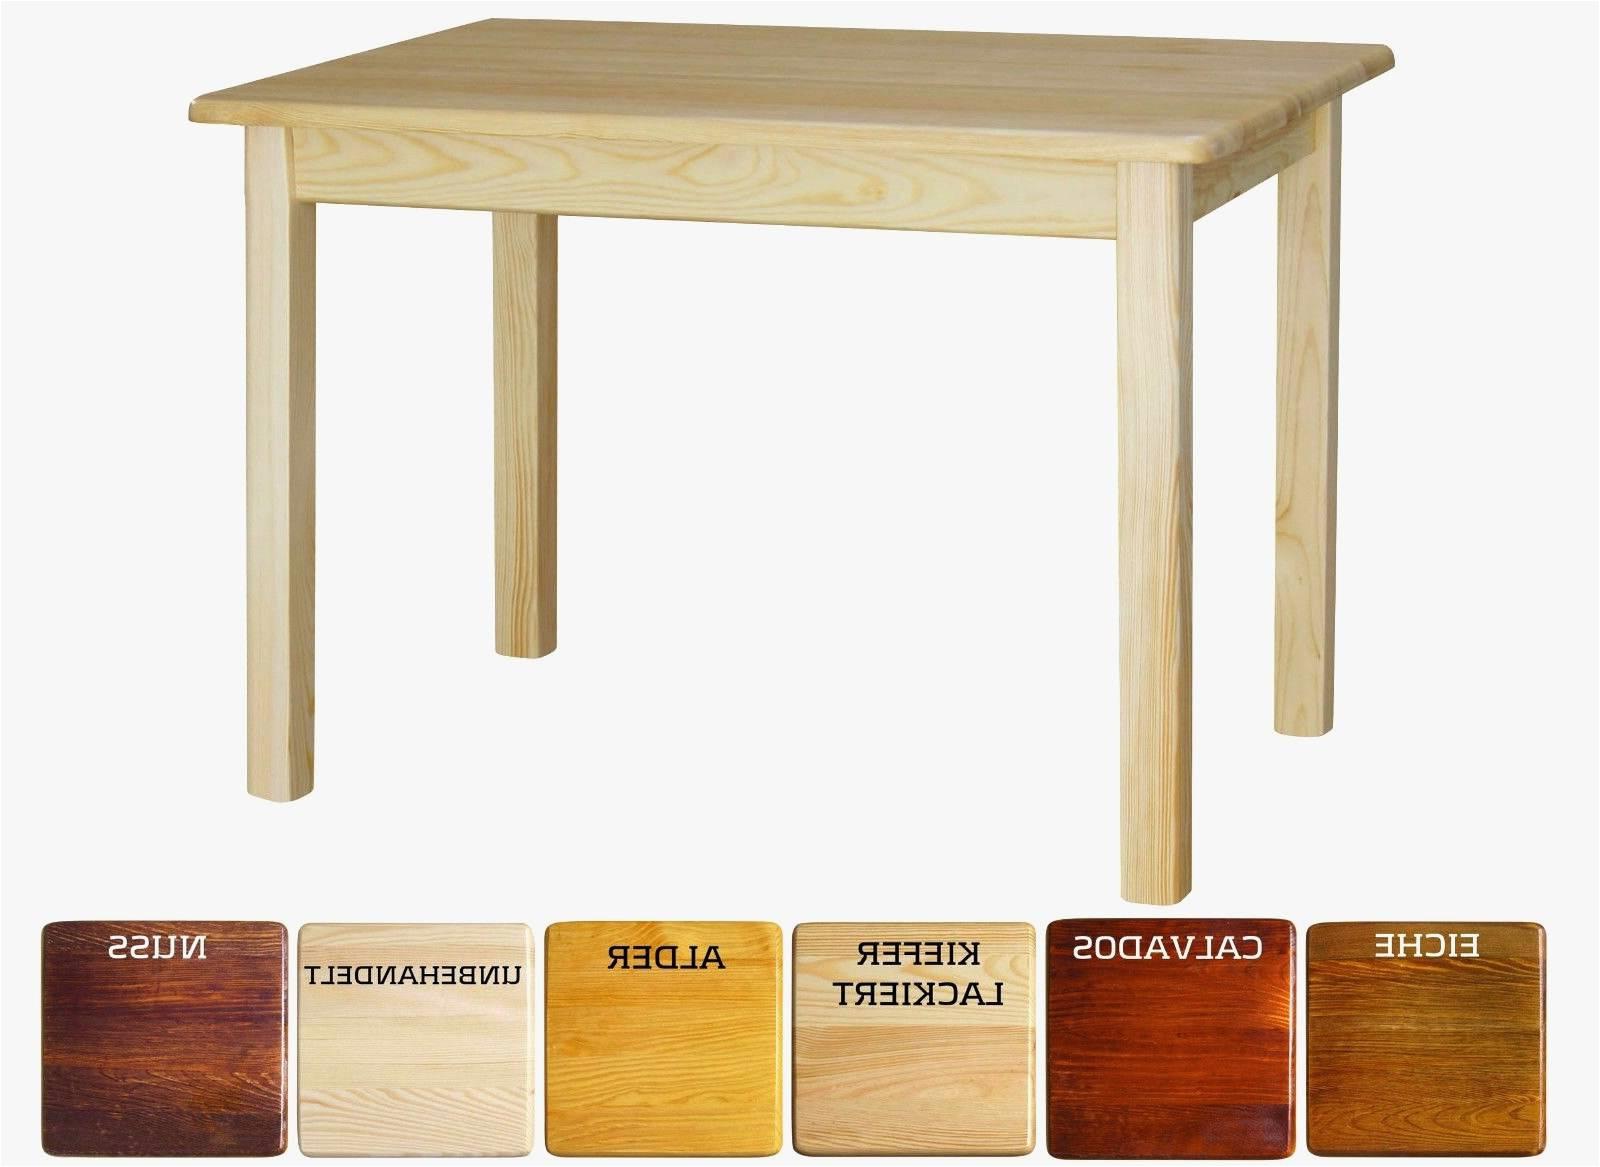 Küchentisch Klappbar Ikea Ebay Esstisch Ikea Weiß